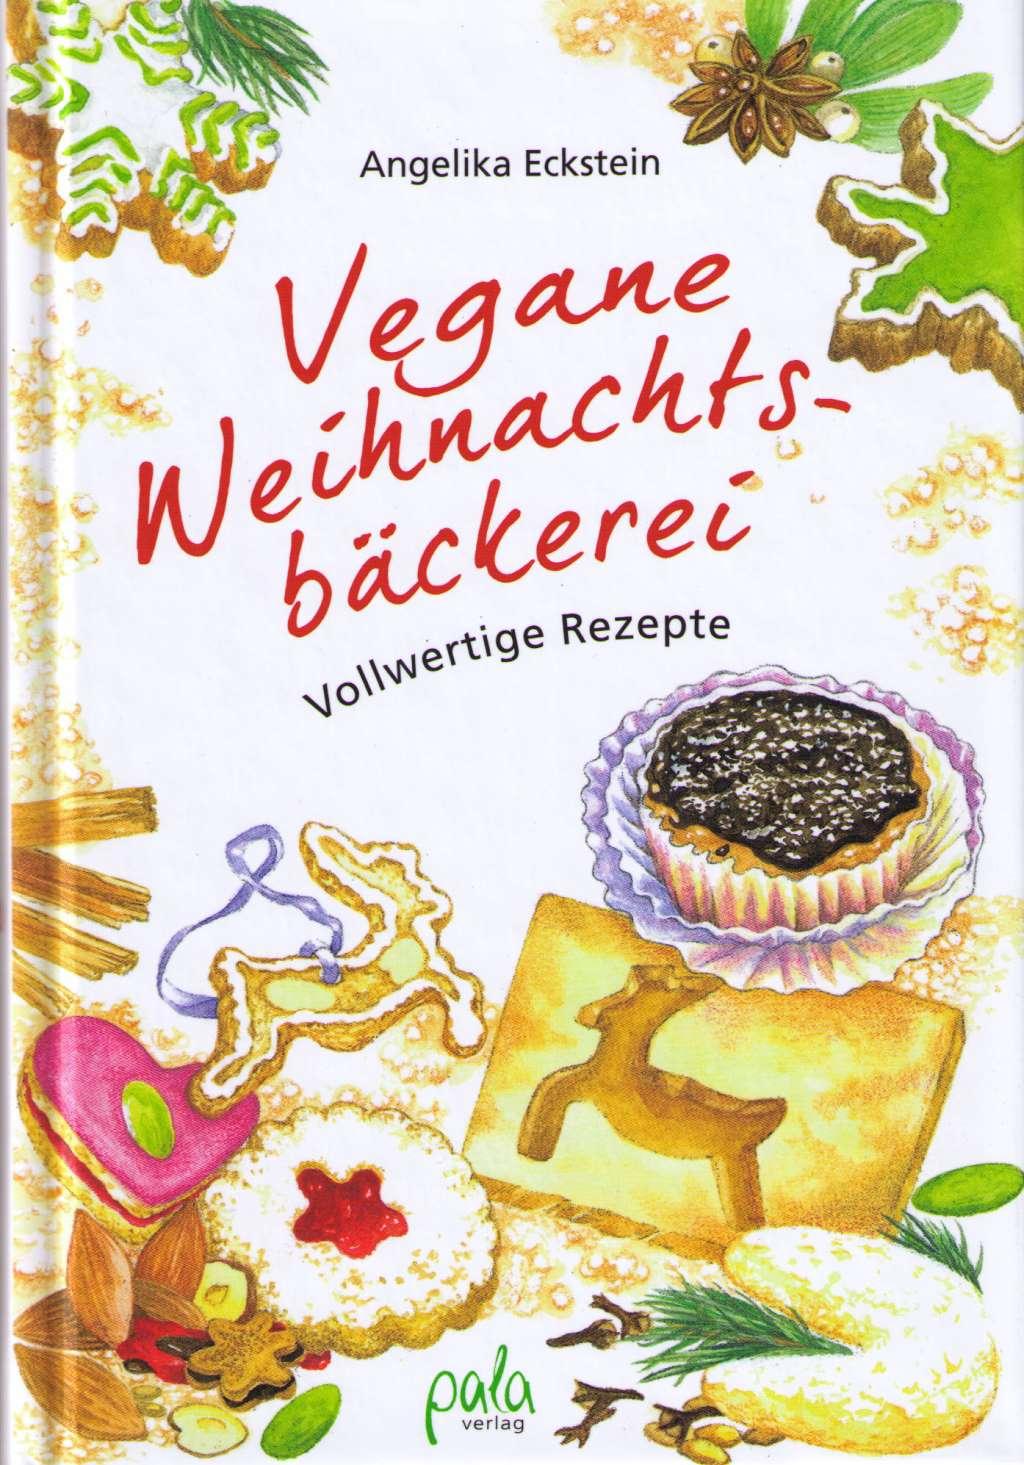 Vegane Weihnachtsbäckerei Pala